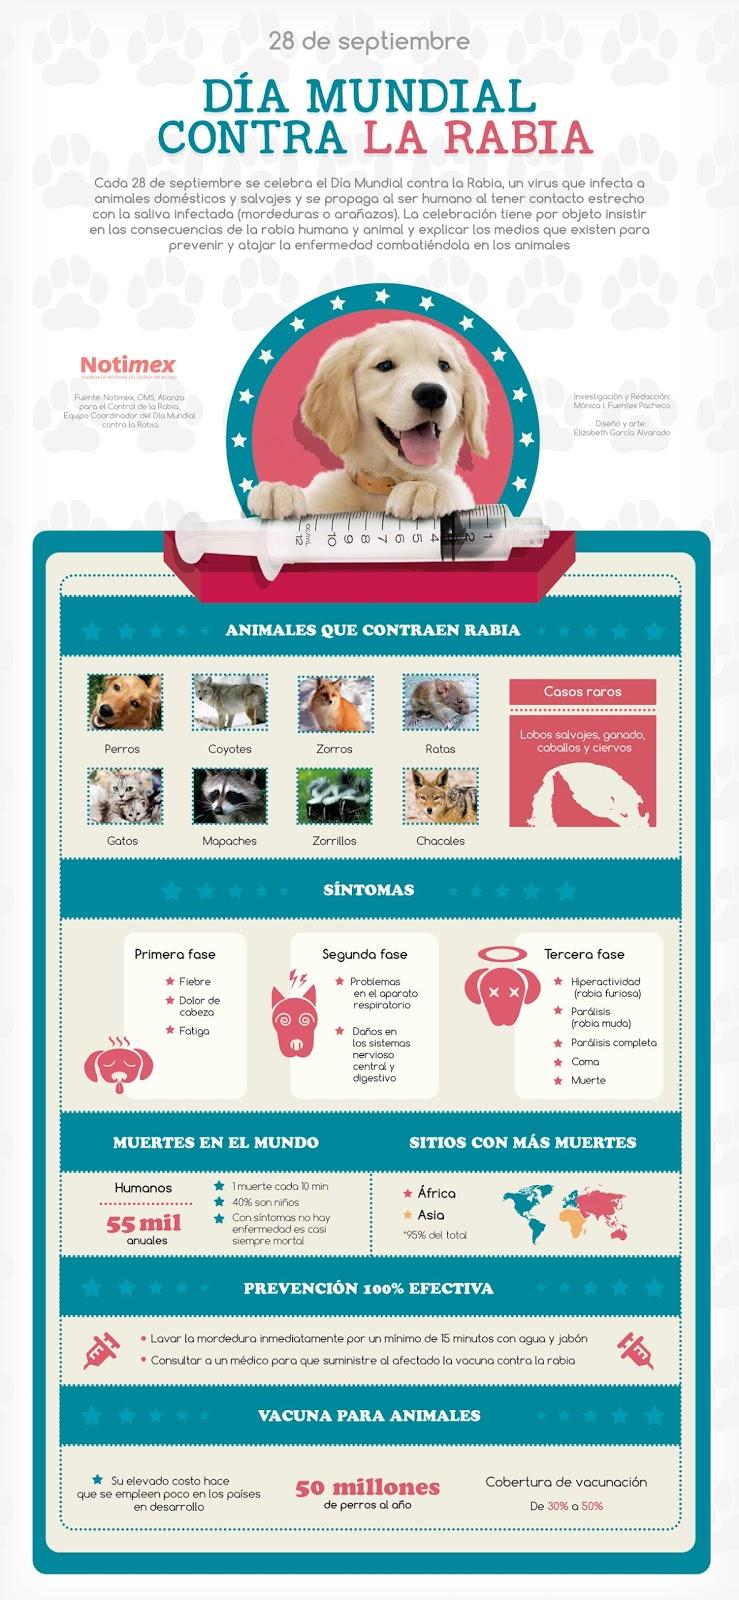 infografia dia mundia contra la rabia